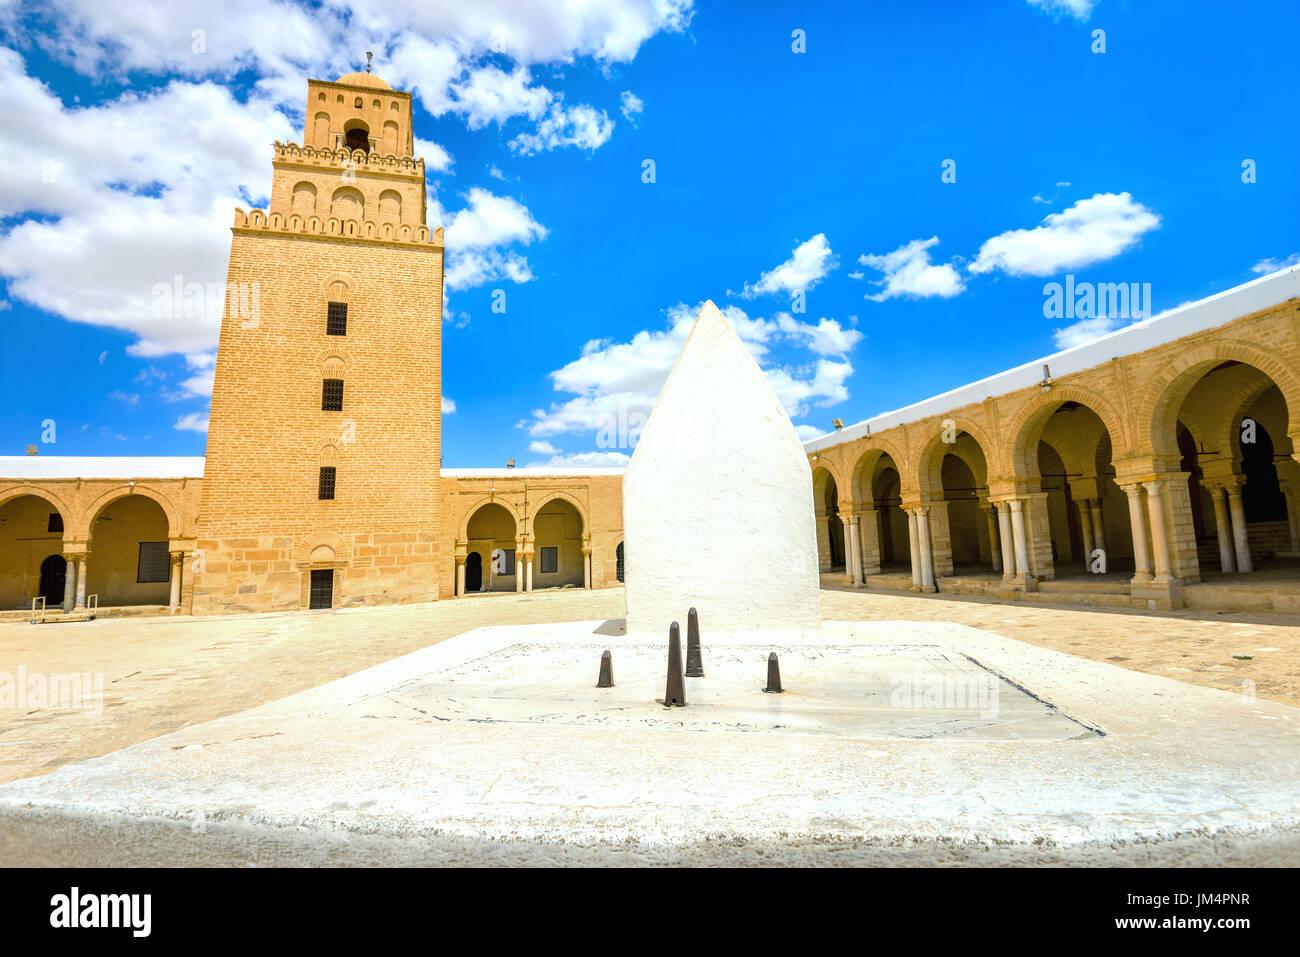 Alte große Moschee und Sonnenuhr in Kairouan. Tunesien, Nordafrika Stockbild